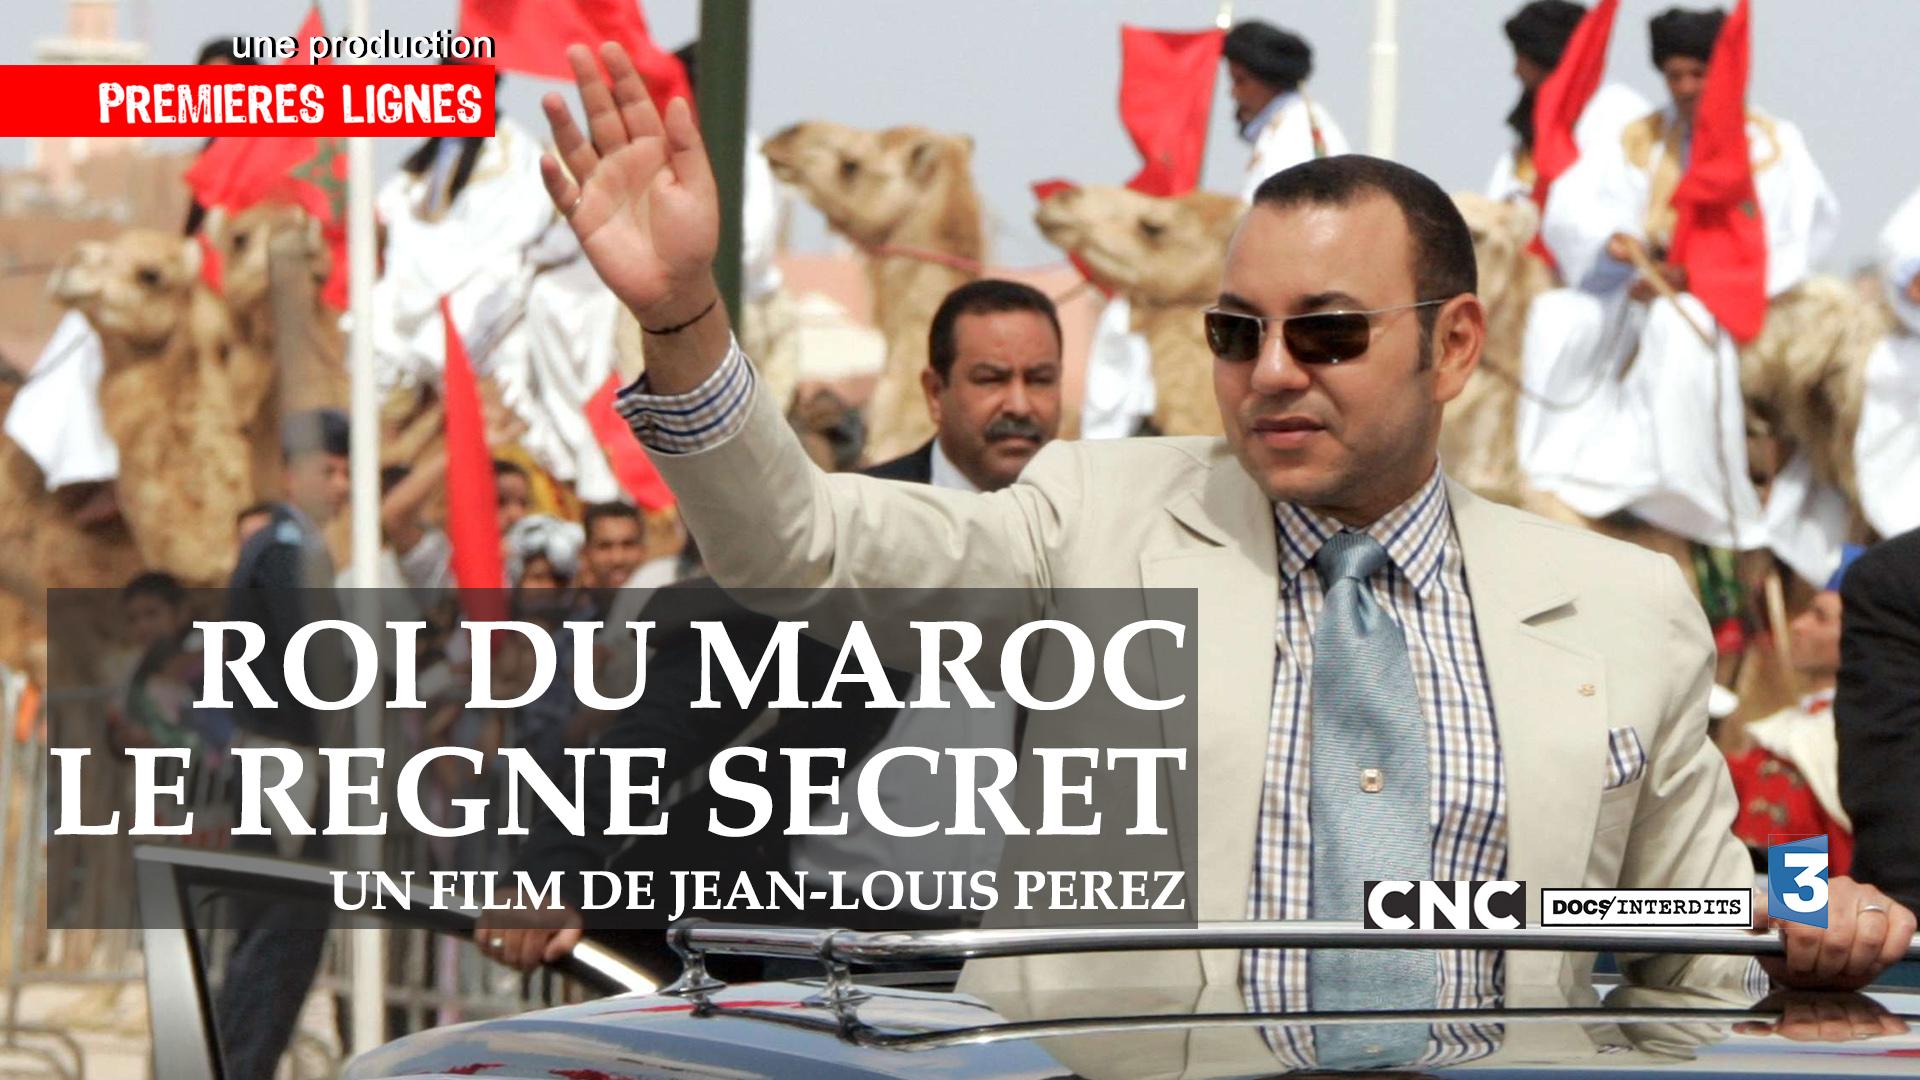 roi du maroc aff1